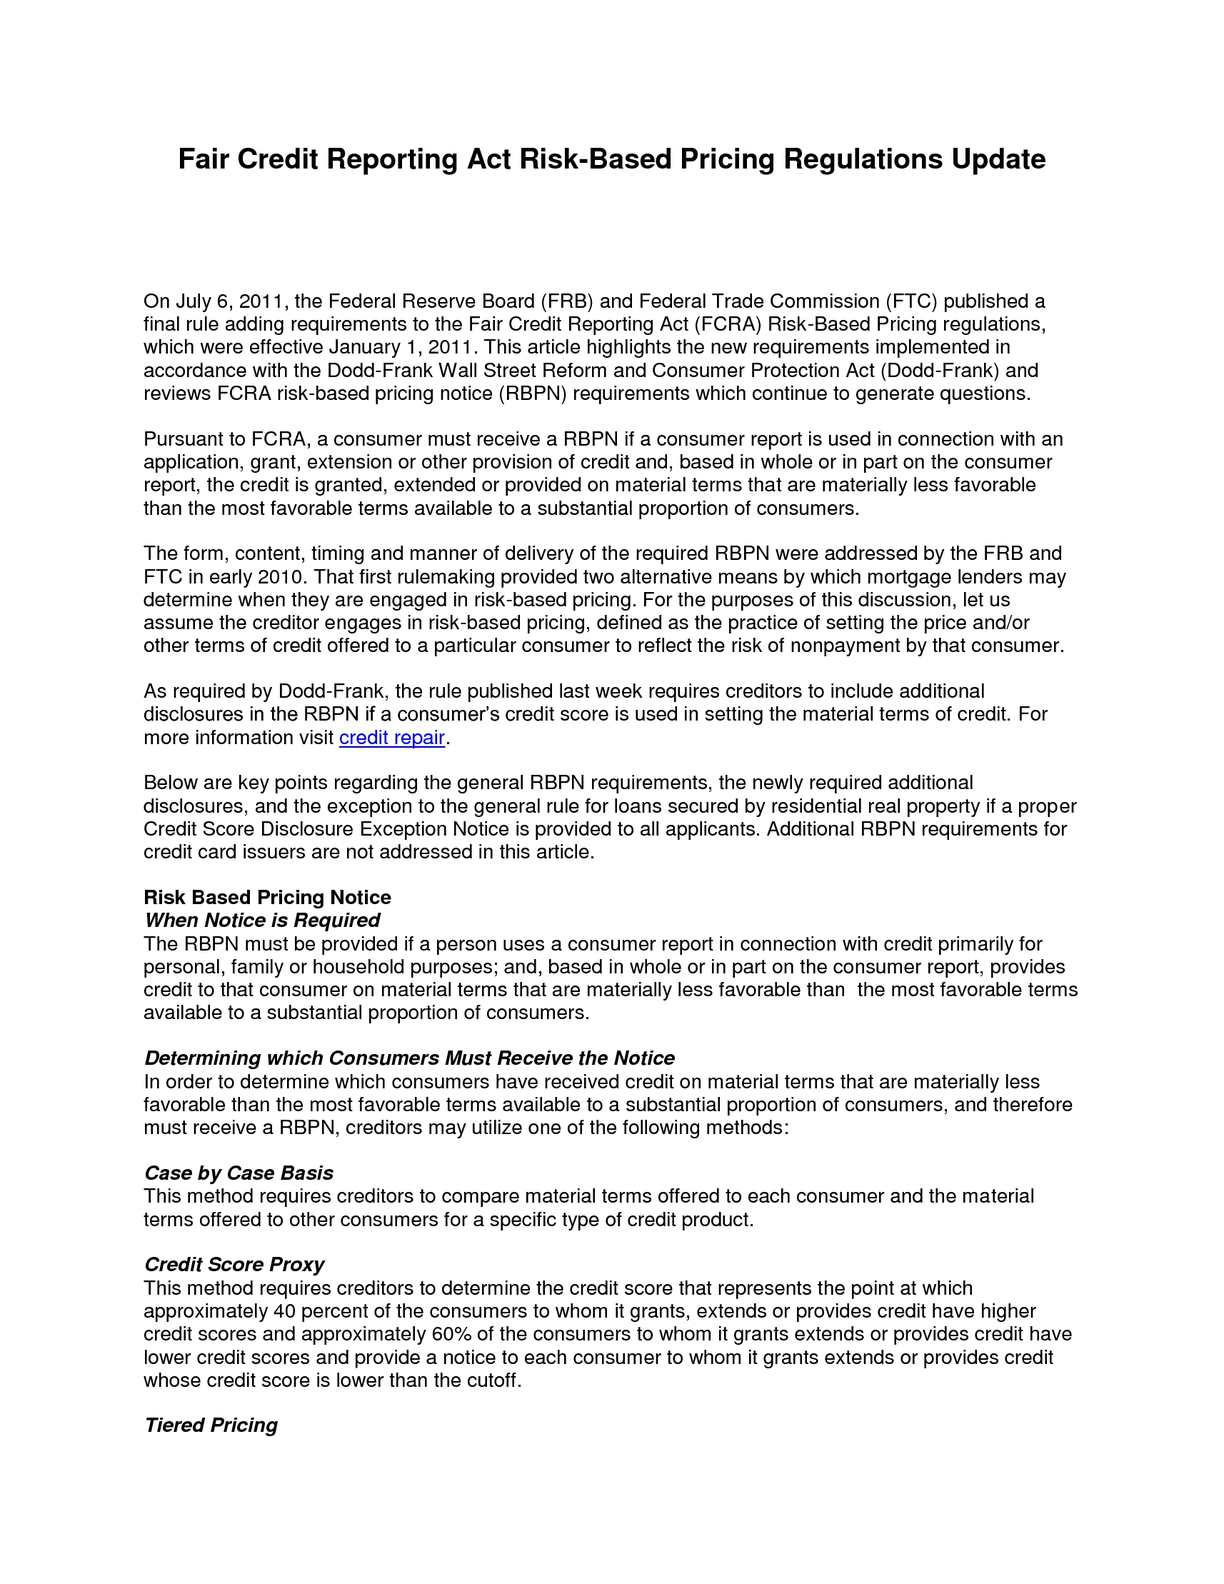 Loans For Fair Credit >> Calameo Fair Credit Reporting Risk Based Pricing